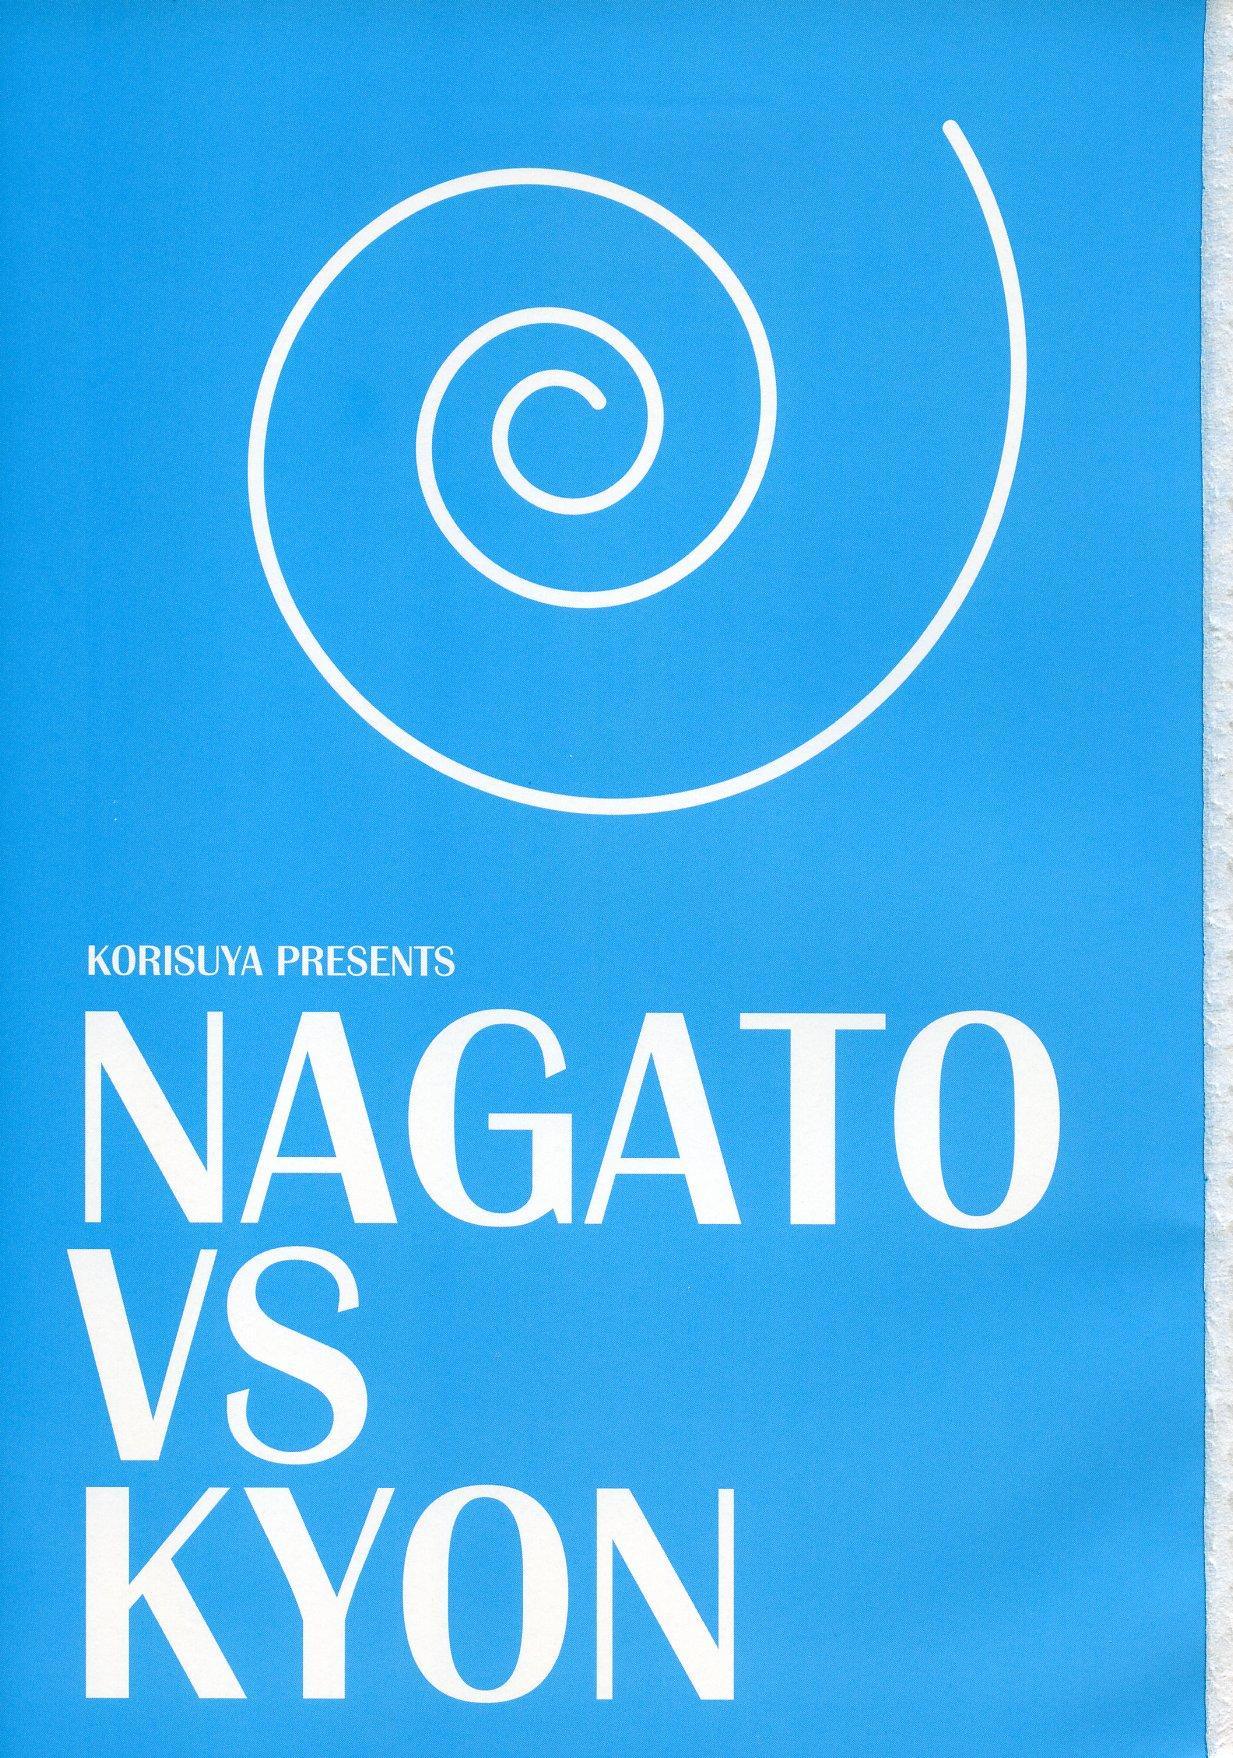 Nagato VS Kyon 1